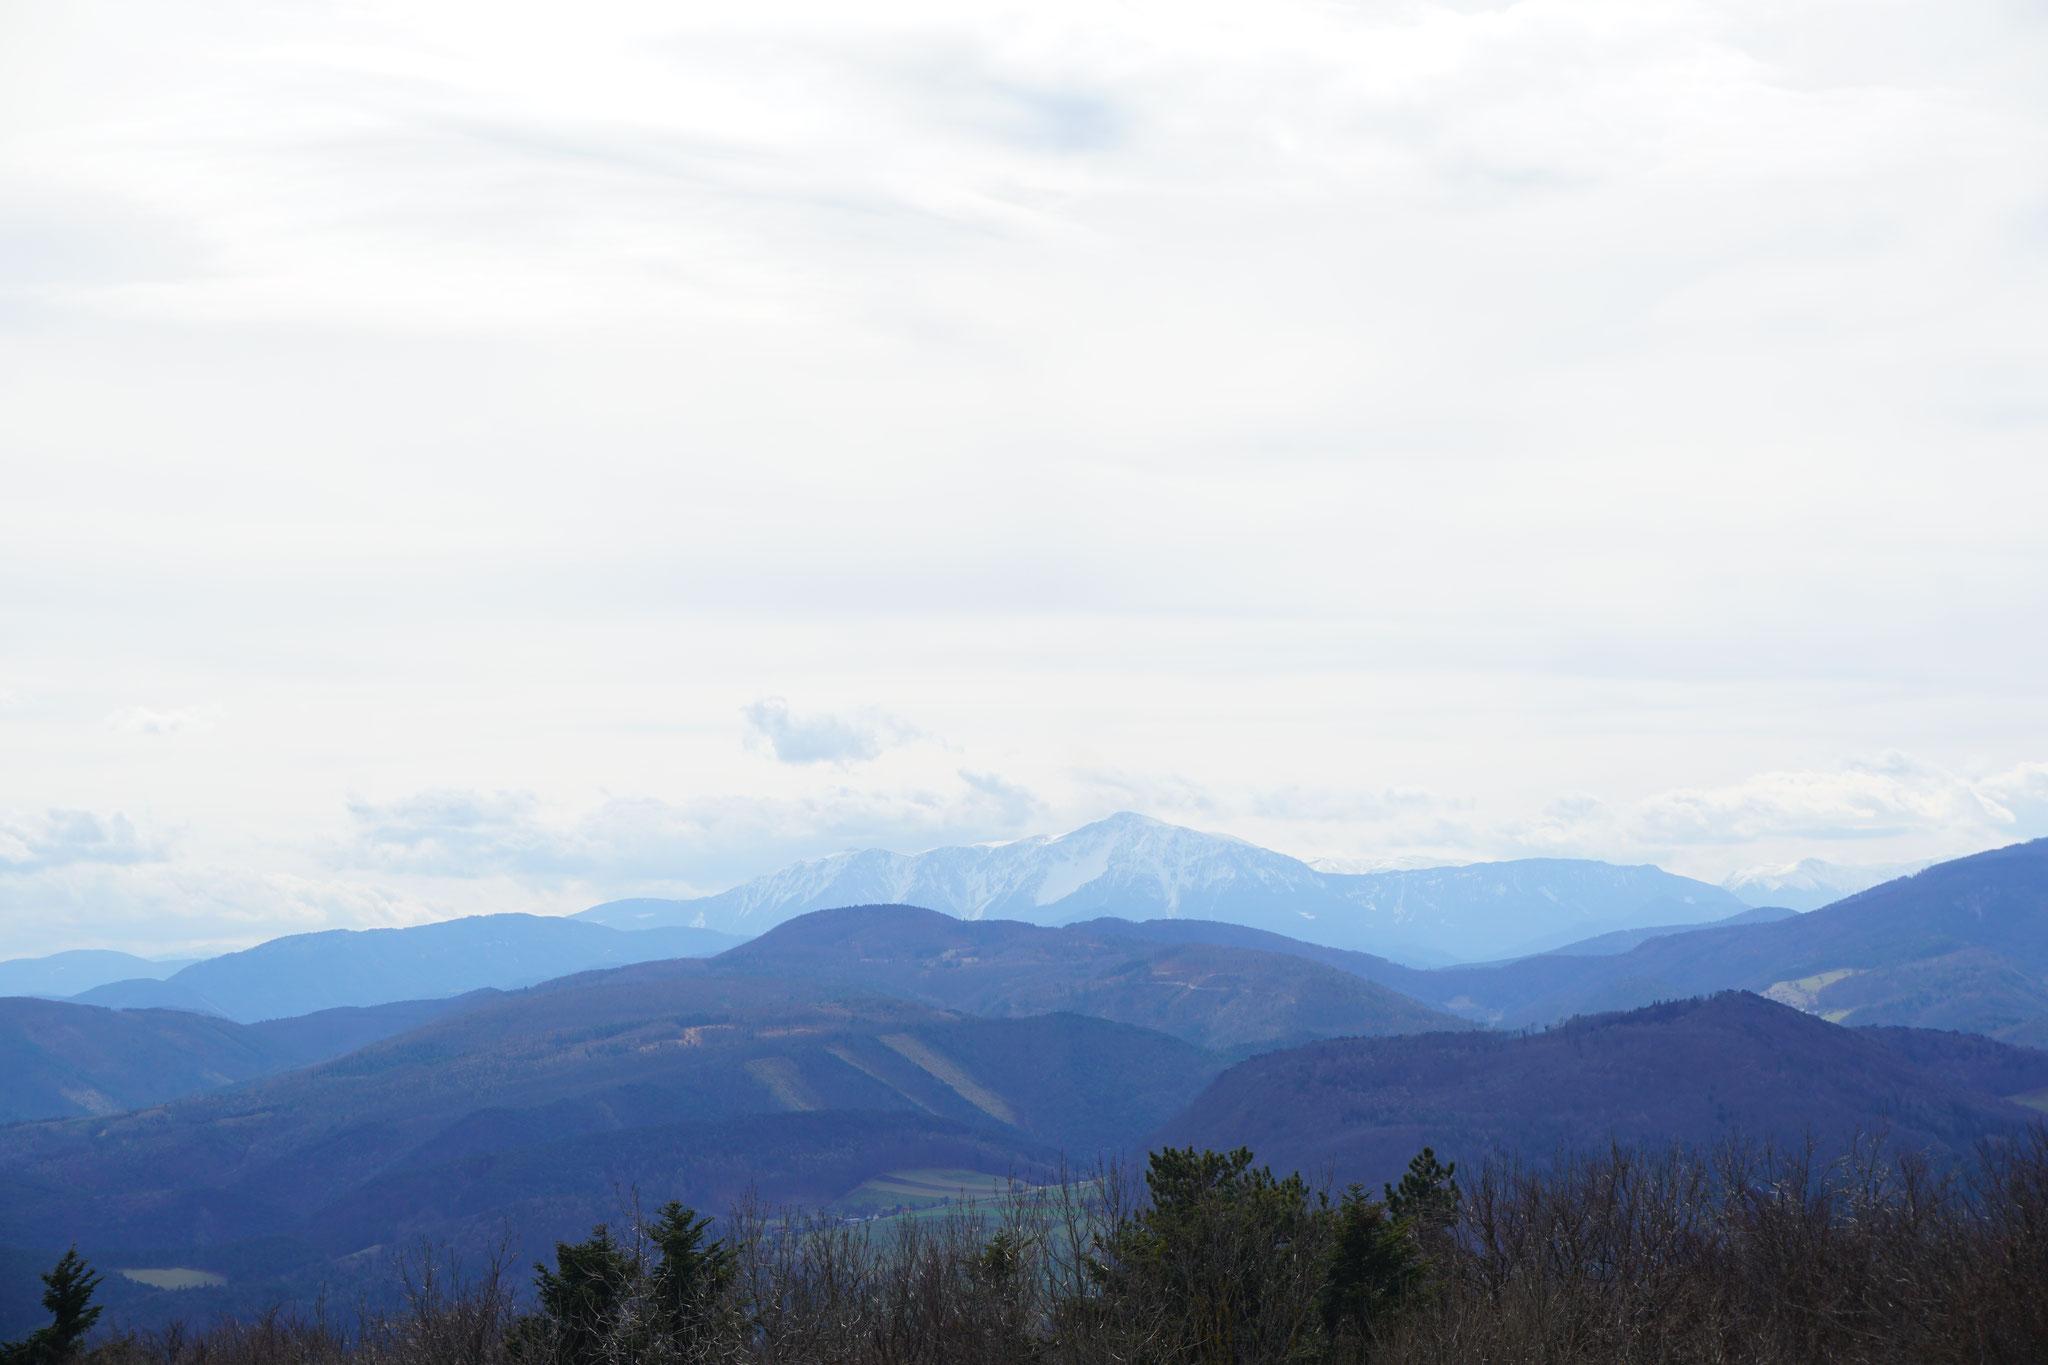 Traumhafter Blick auf den Schneeberg